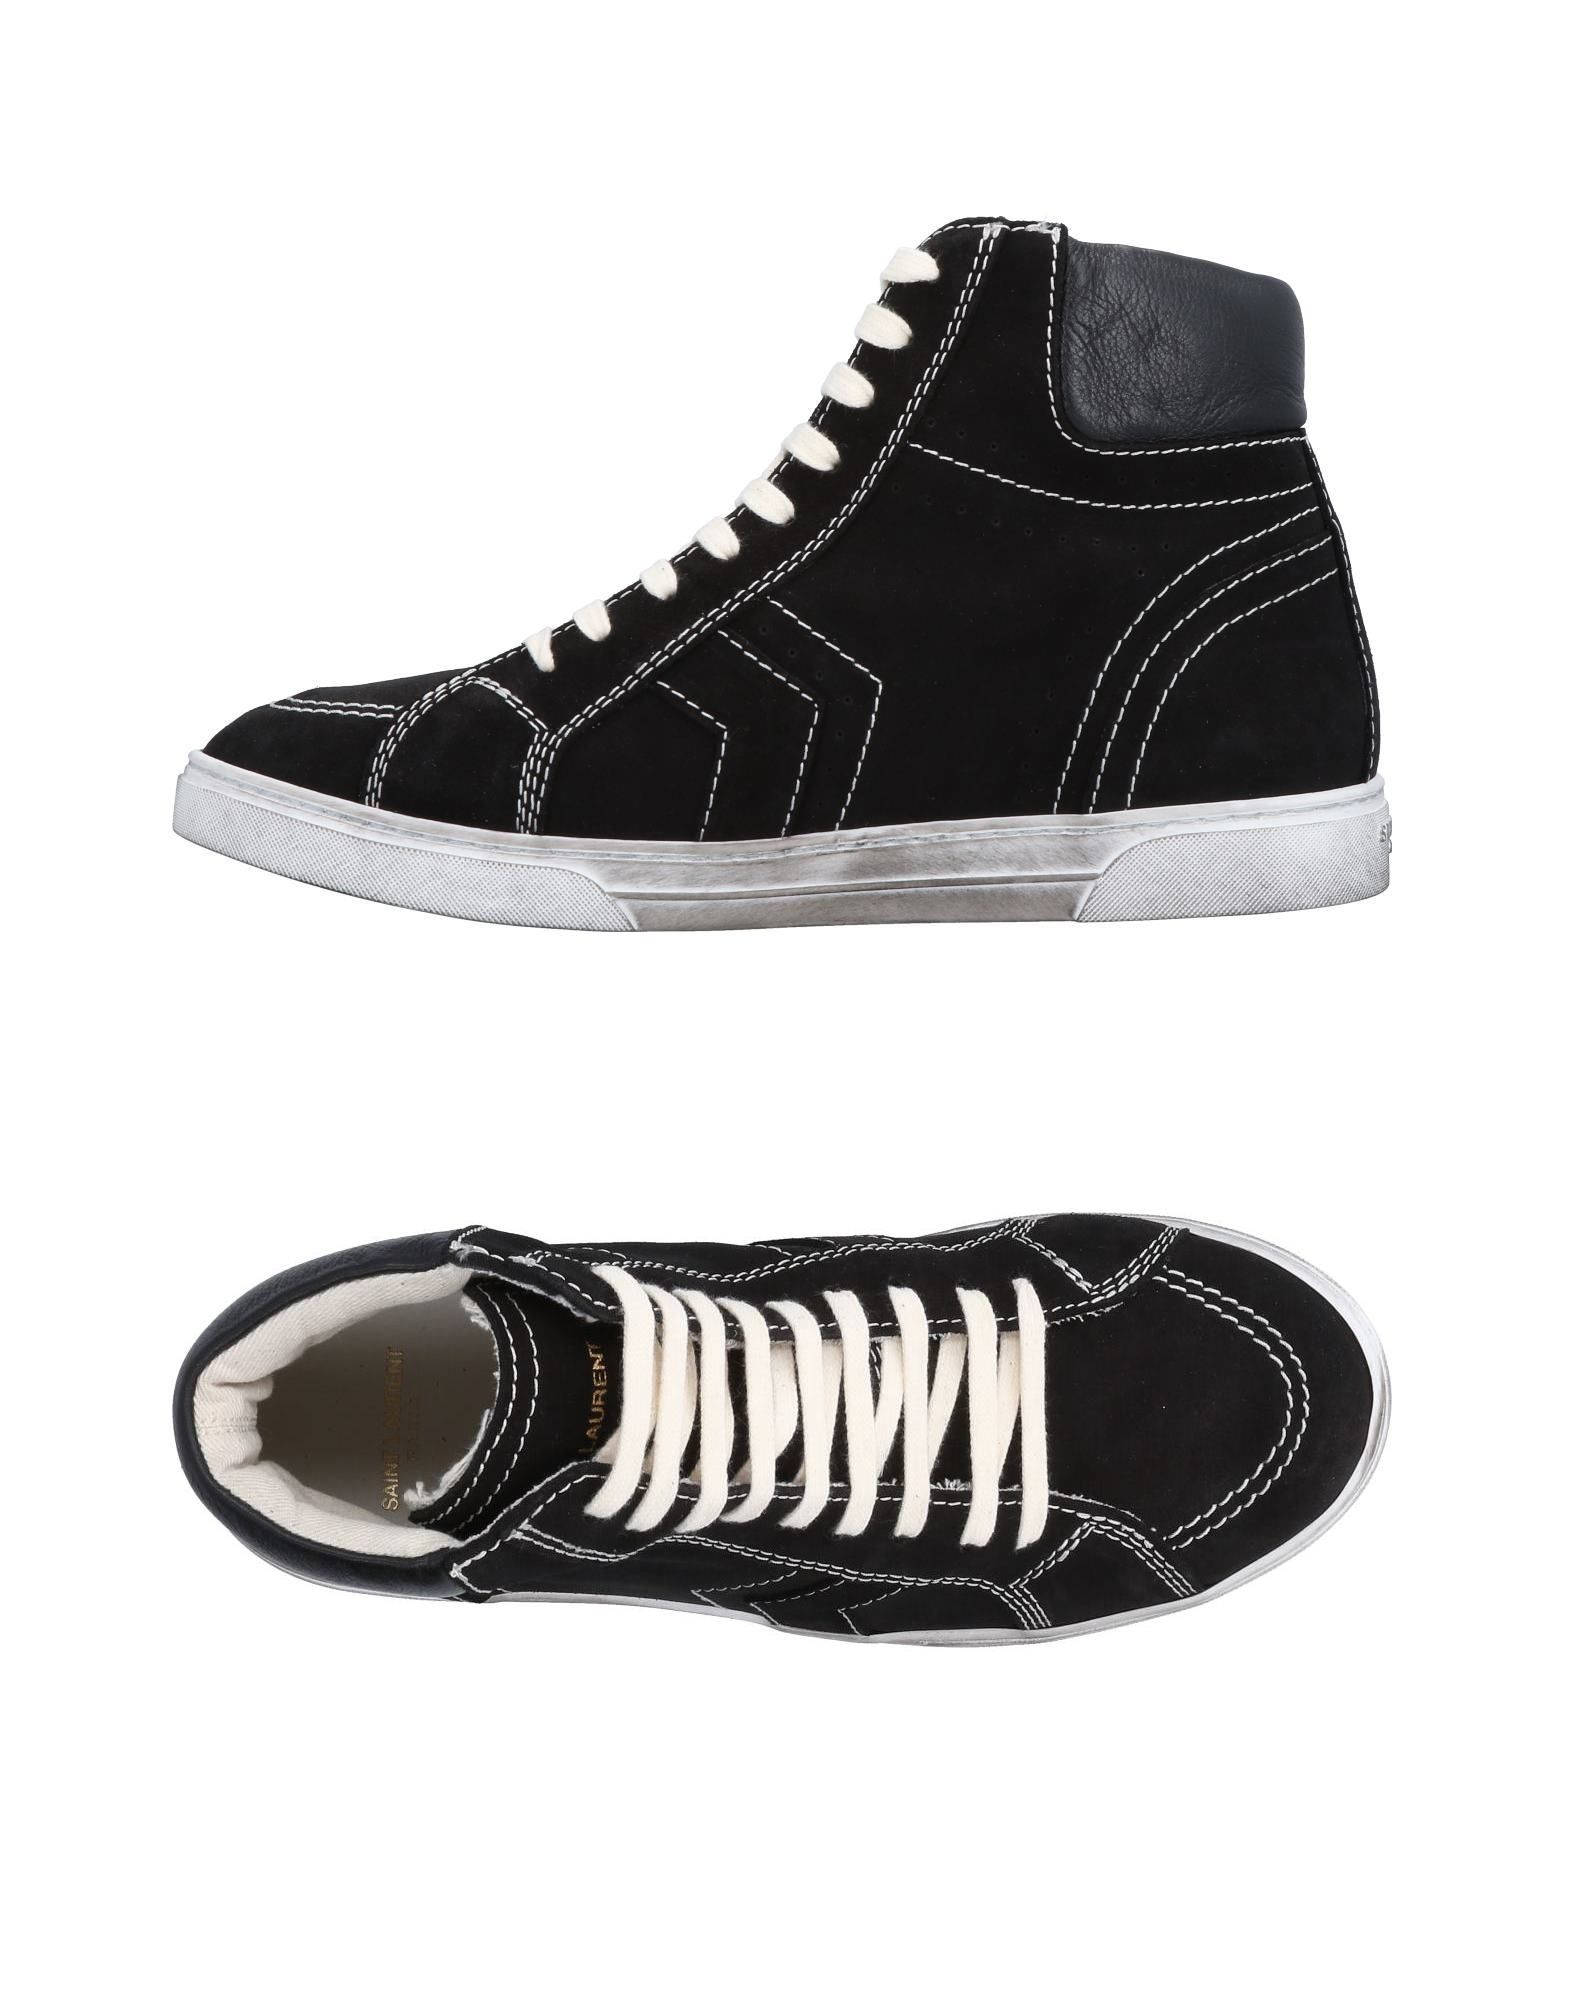 Saint Laurent Sneakers Herren  11507234LW Gute Qualität beliebte Schuhe